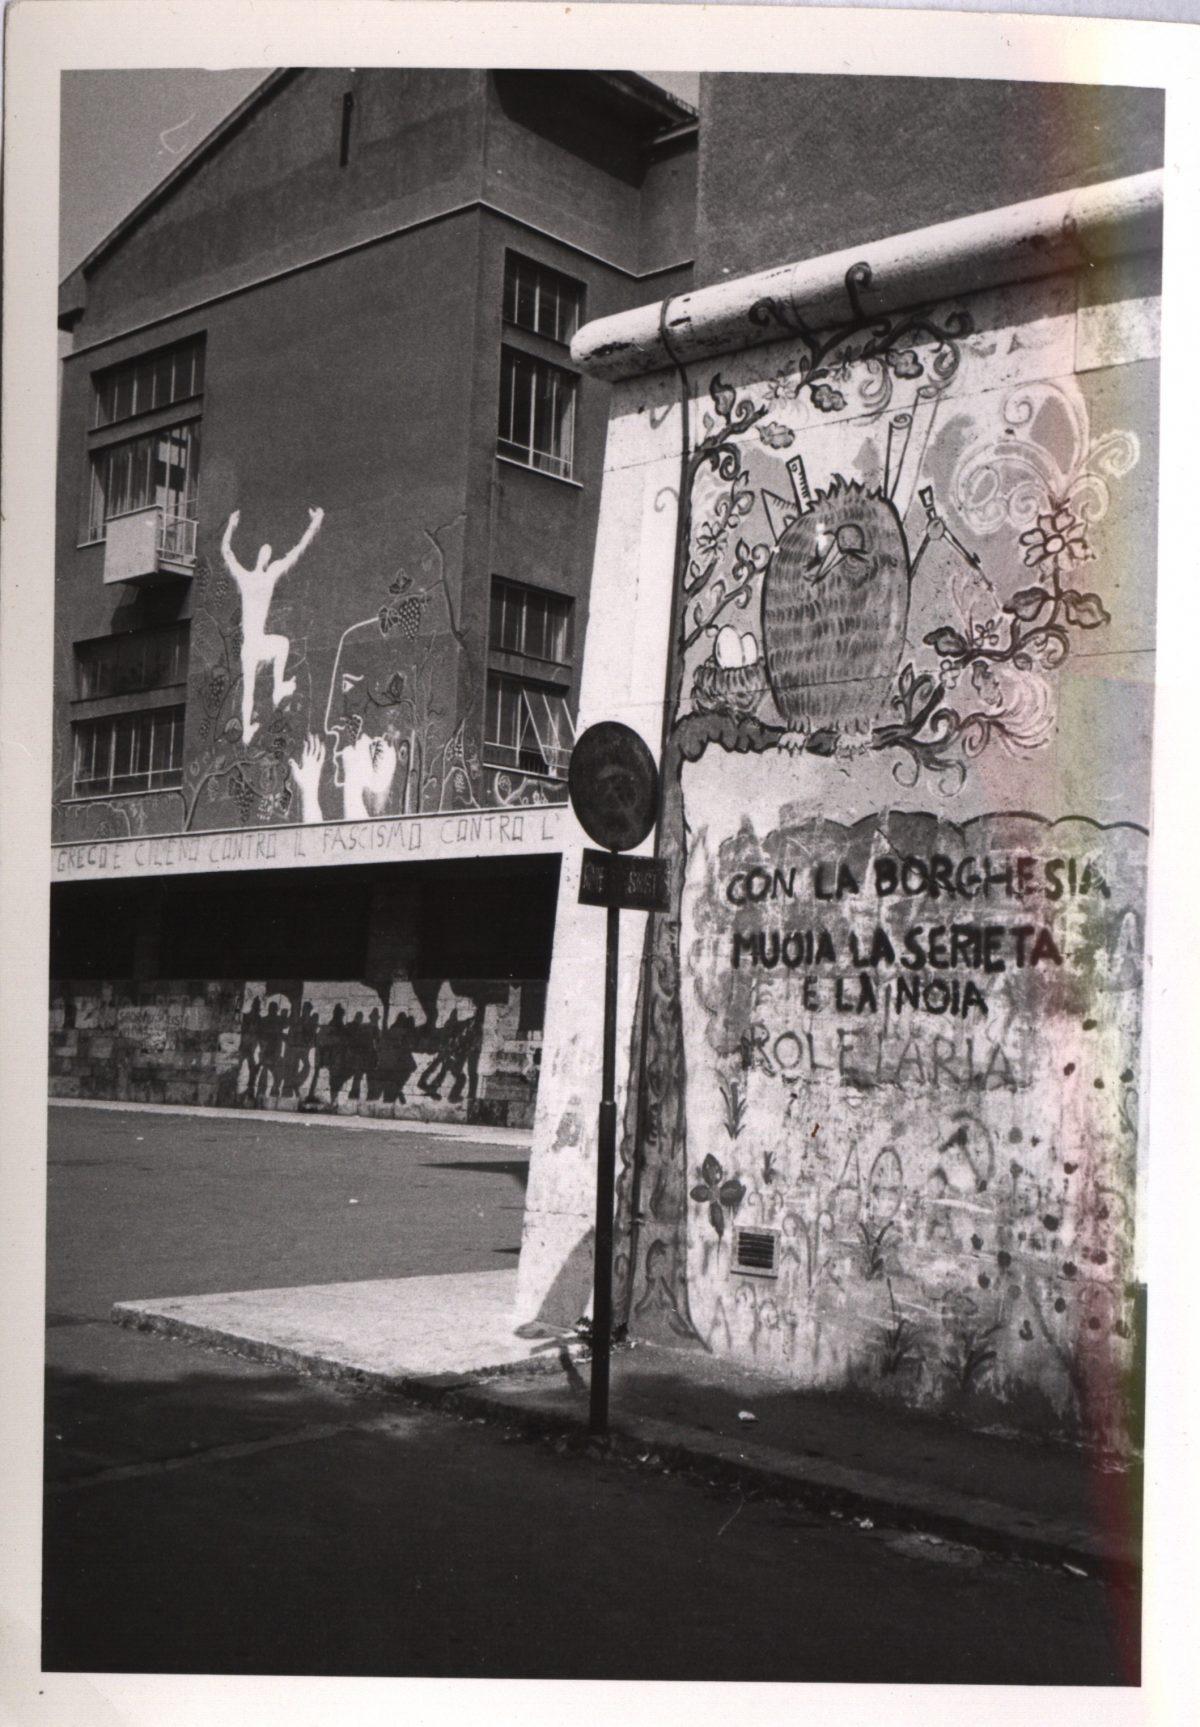 dalle scritte sui murial graffitismo